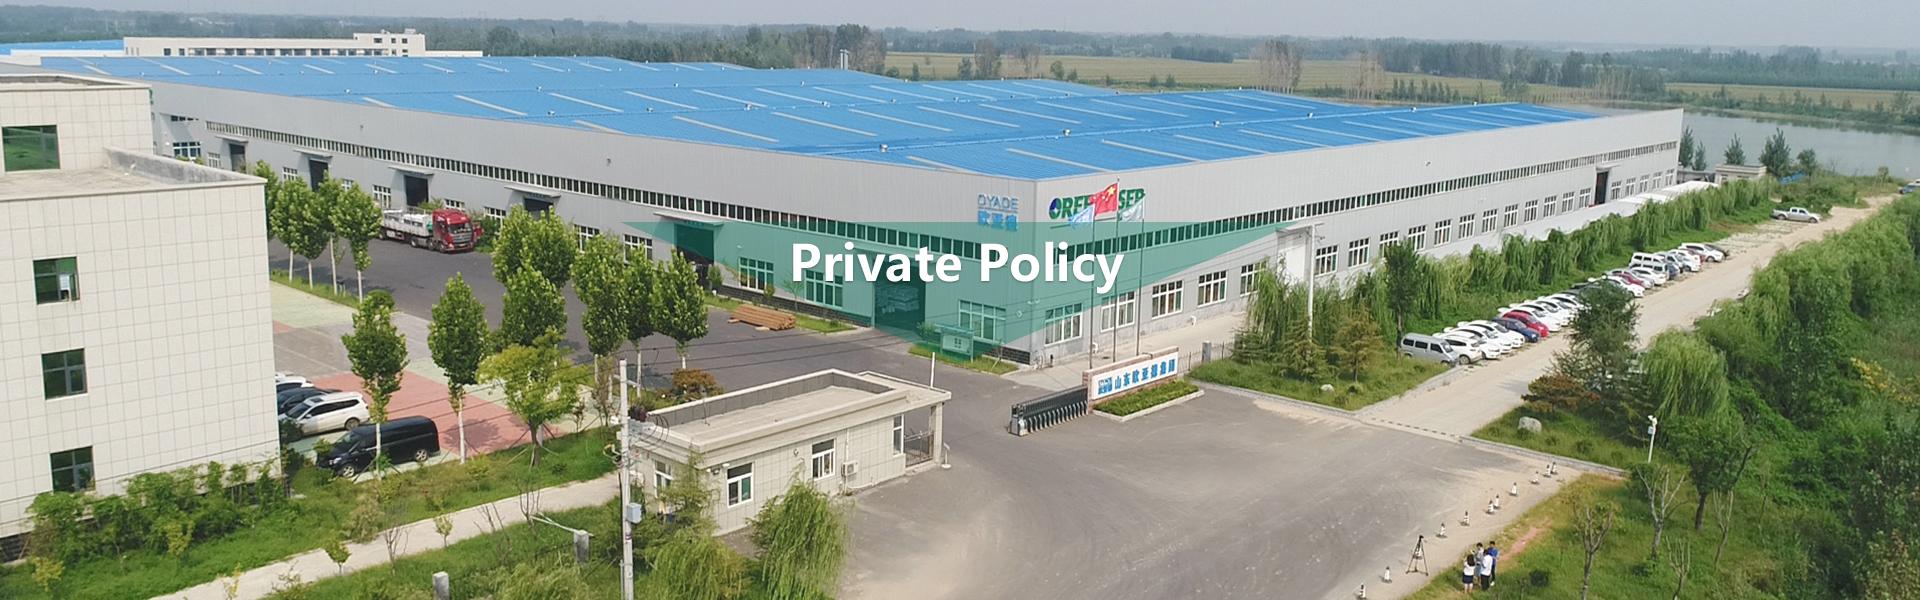 隐私政策1